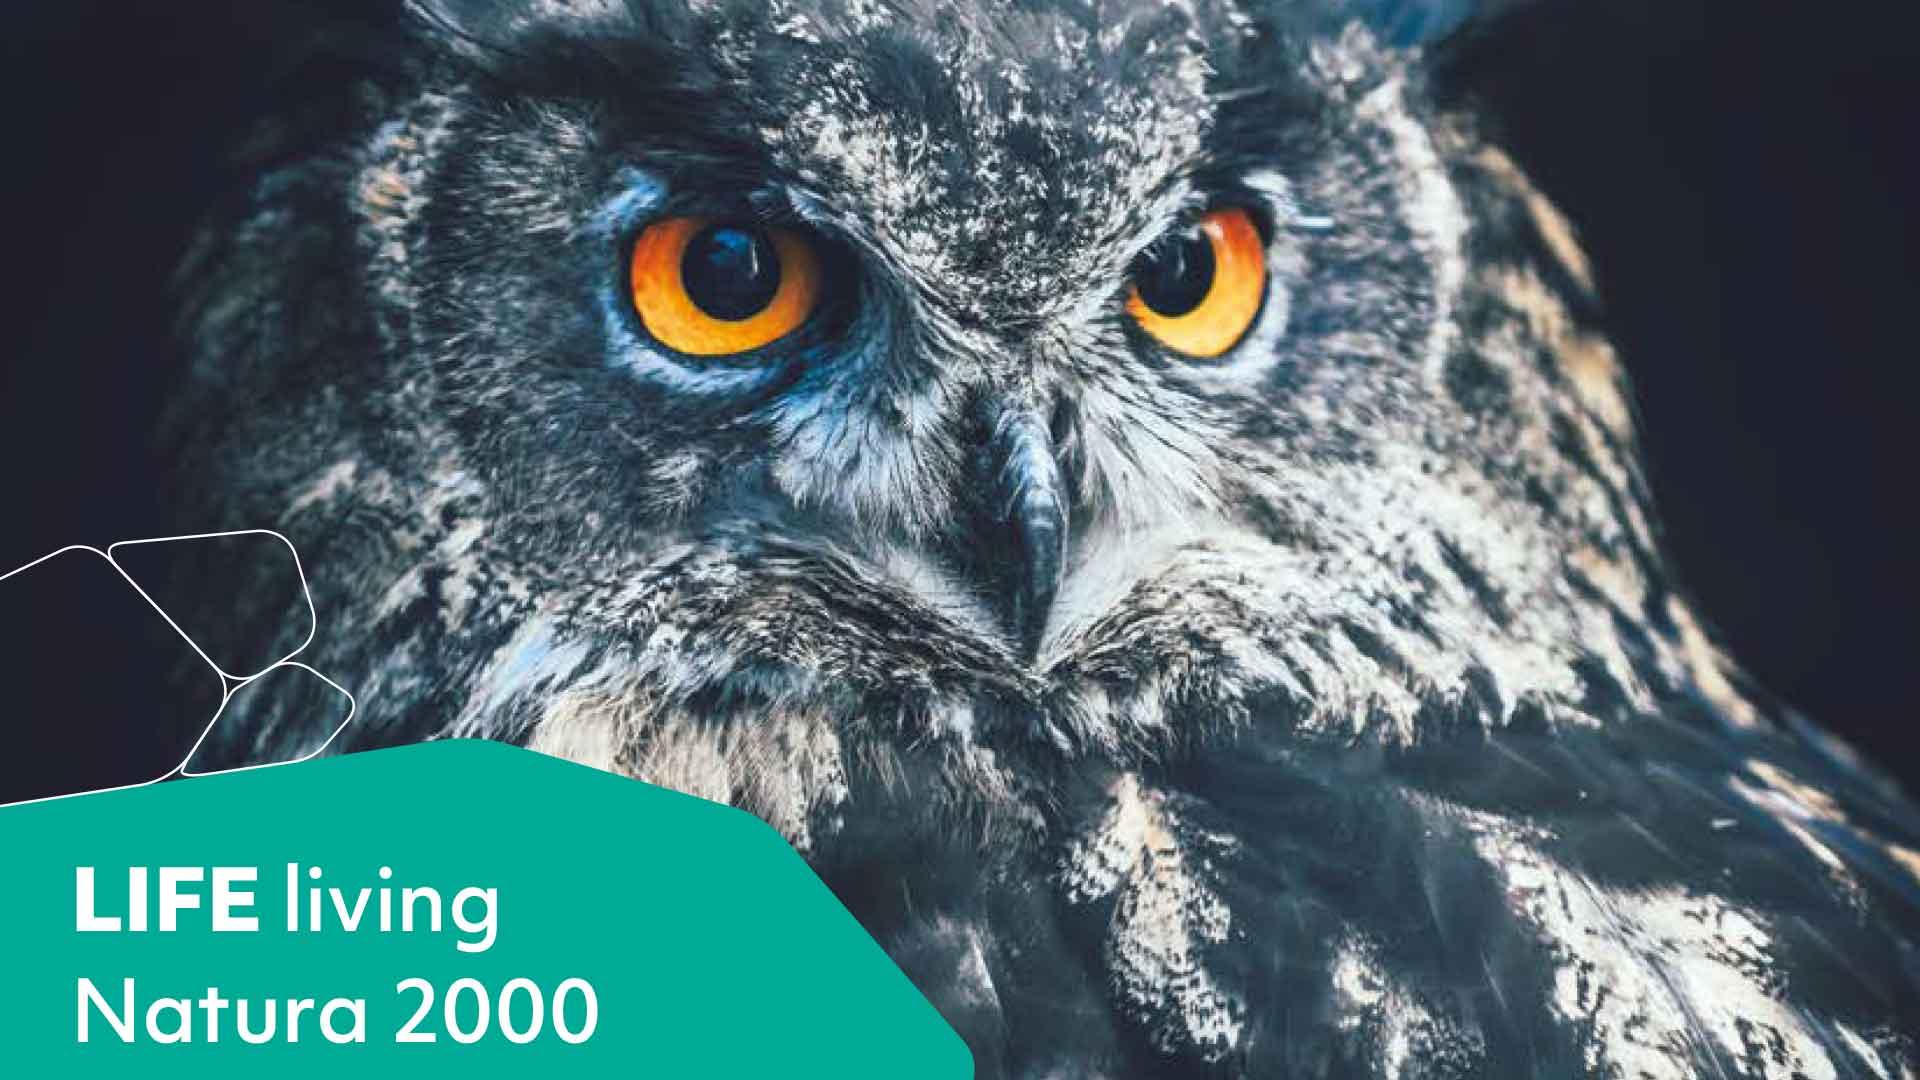 Eine Eule schaut in die Kamera. Auf der linken Seite ist eine grüne Kachel mit dem Satz: LIFE living Natura 2000.